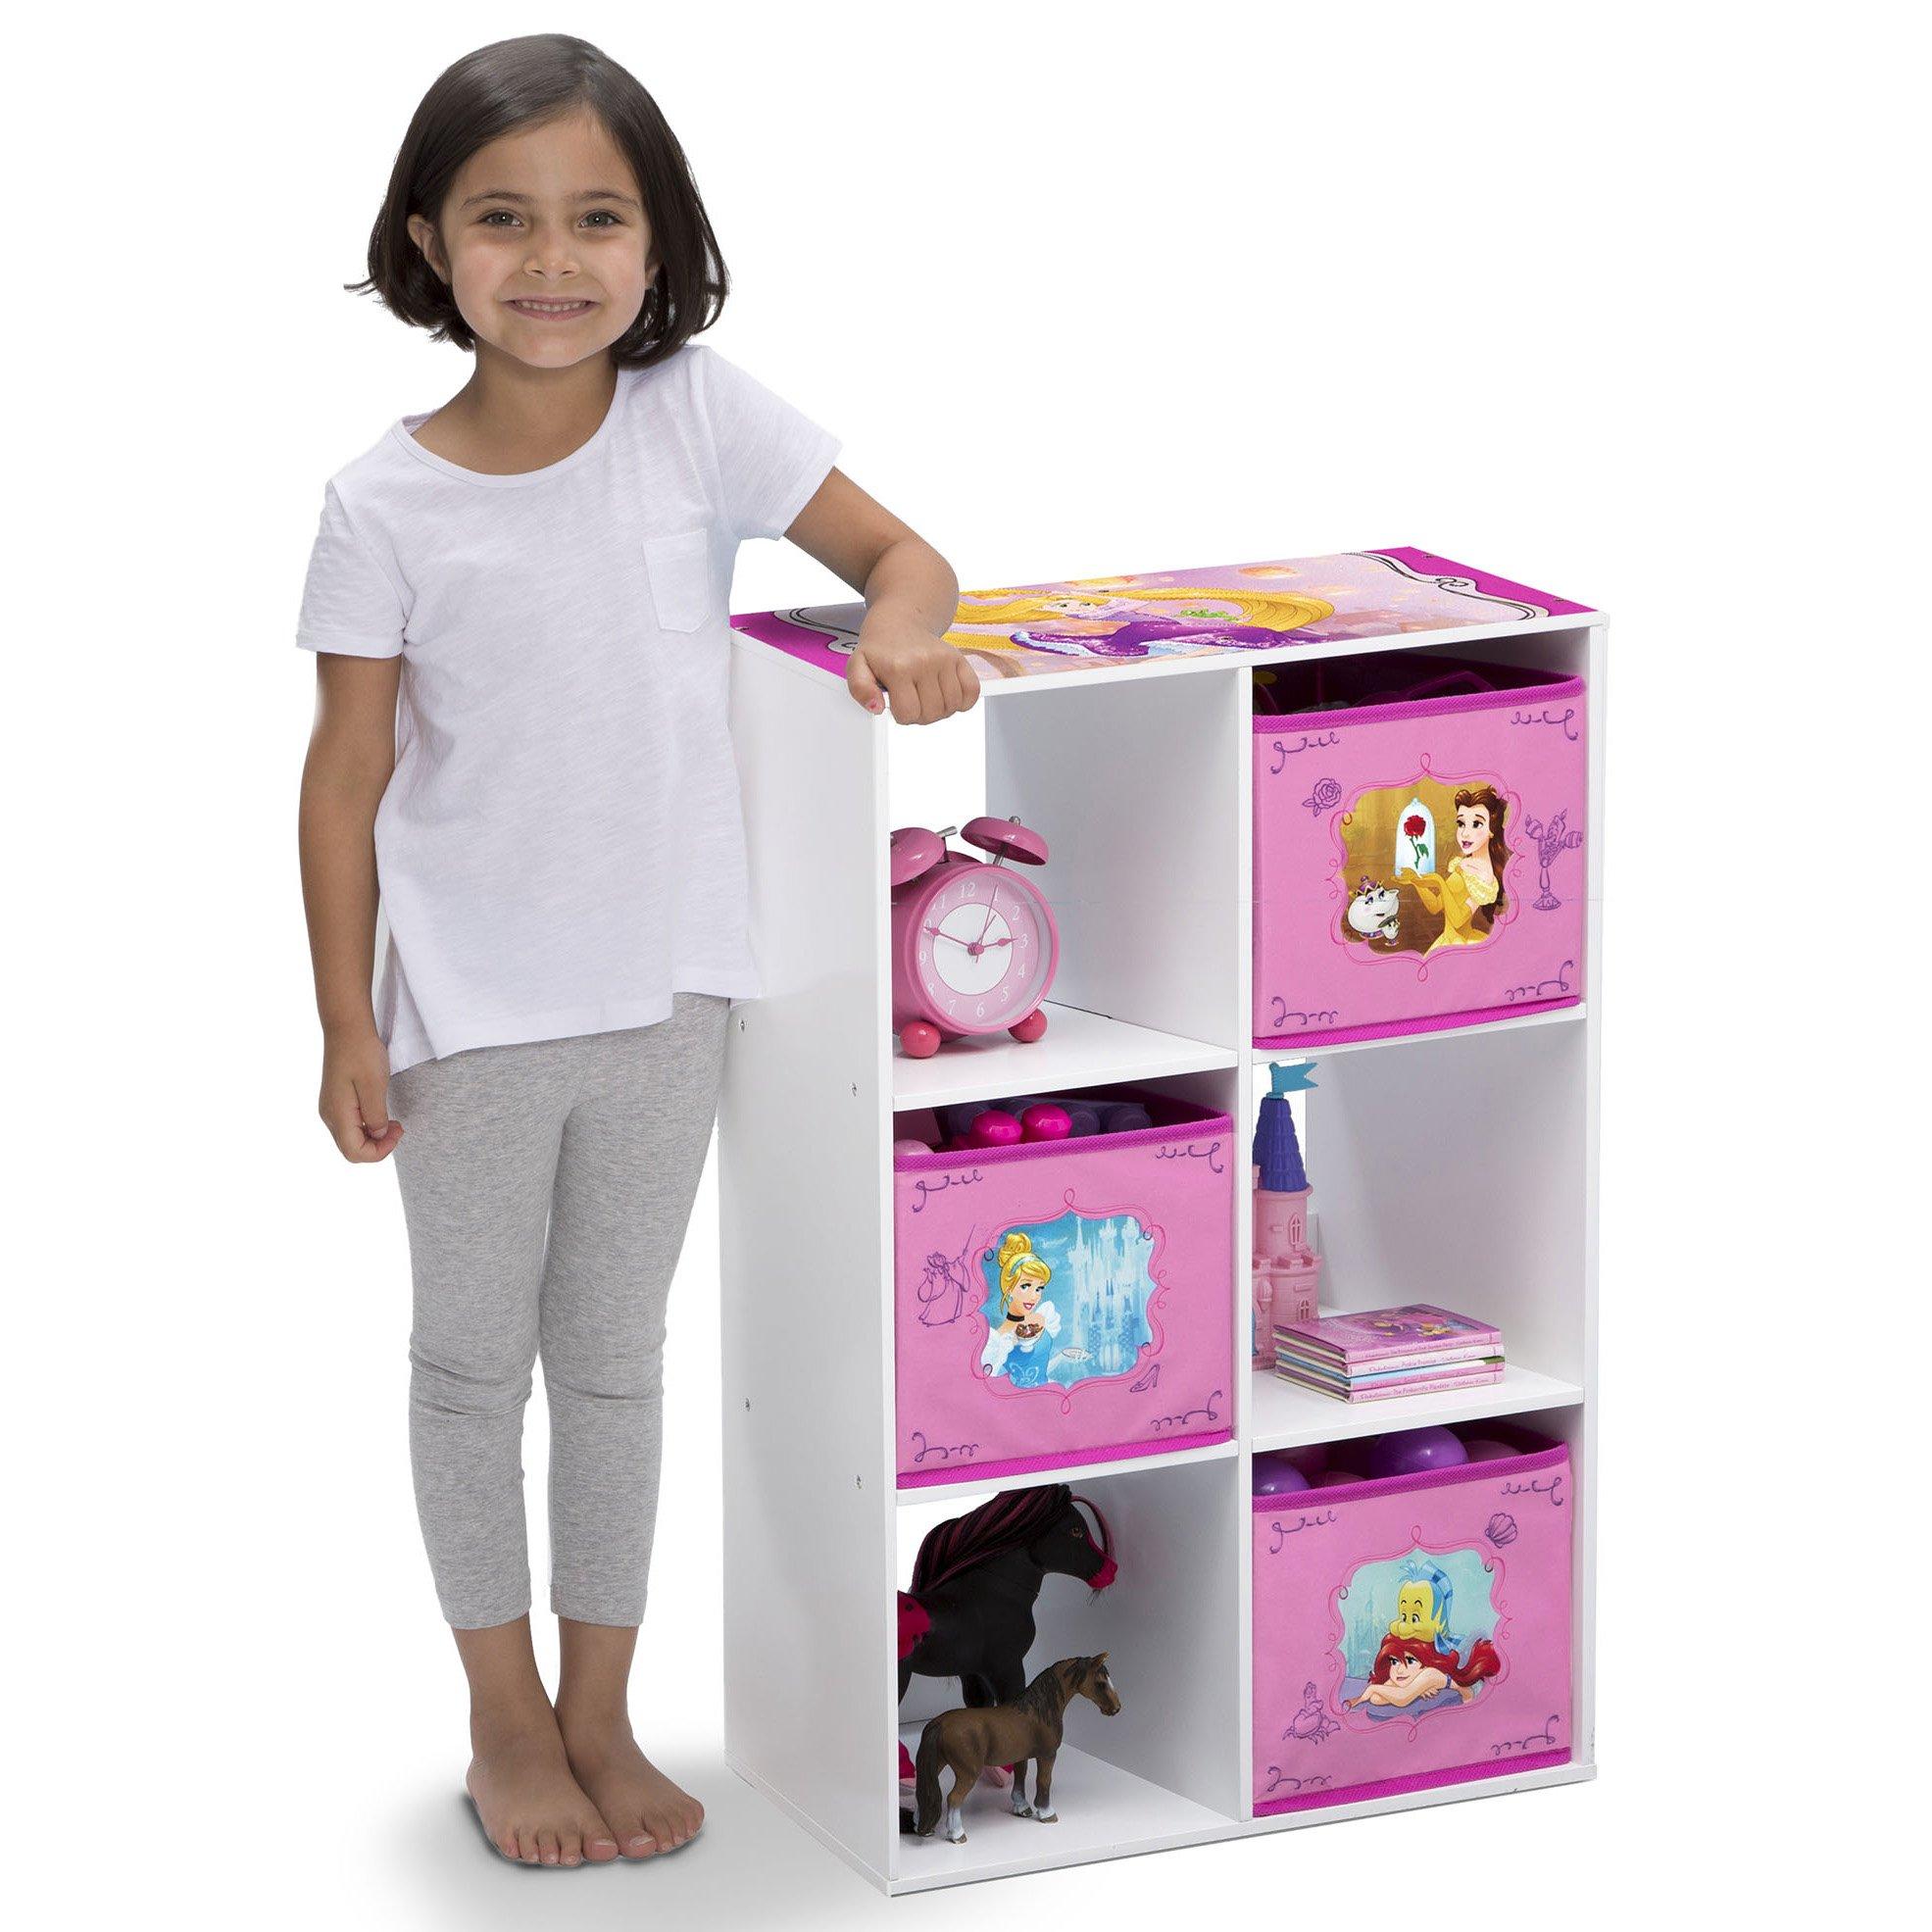 Delta Children 6 Cubby Storage Unit, Disney Princess by Delta Children (Image #2)